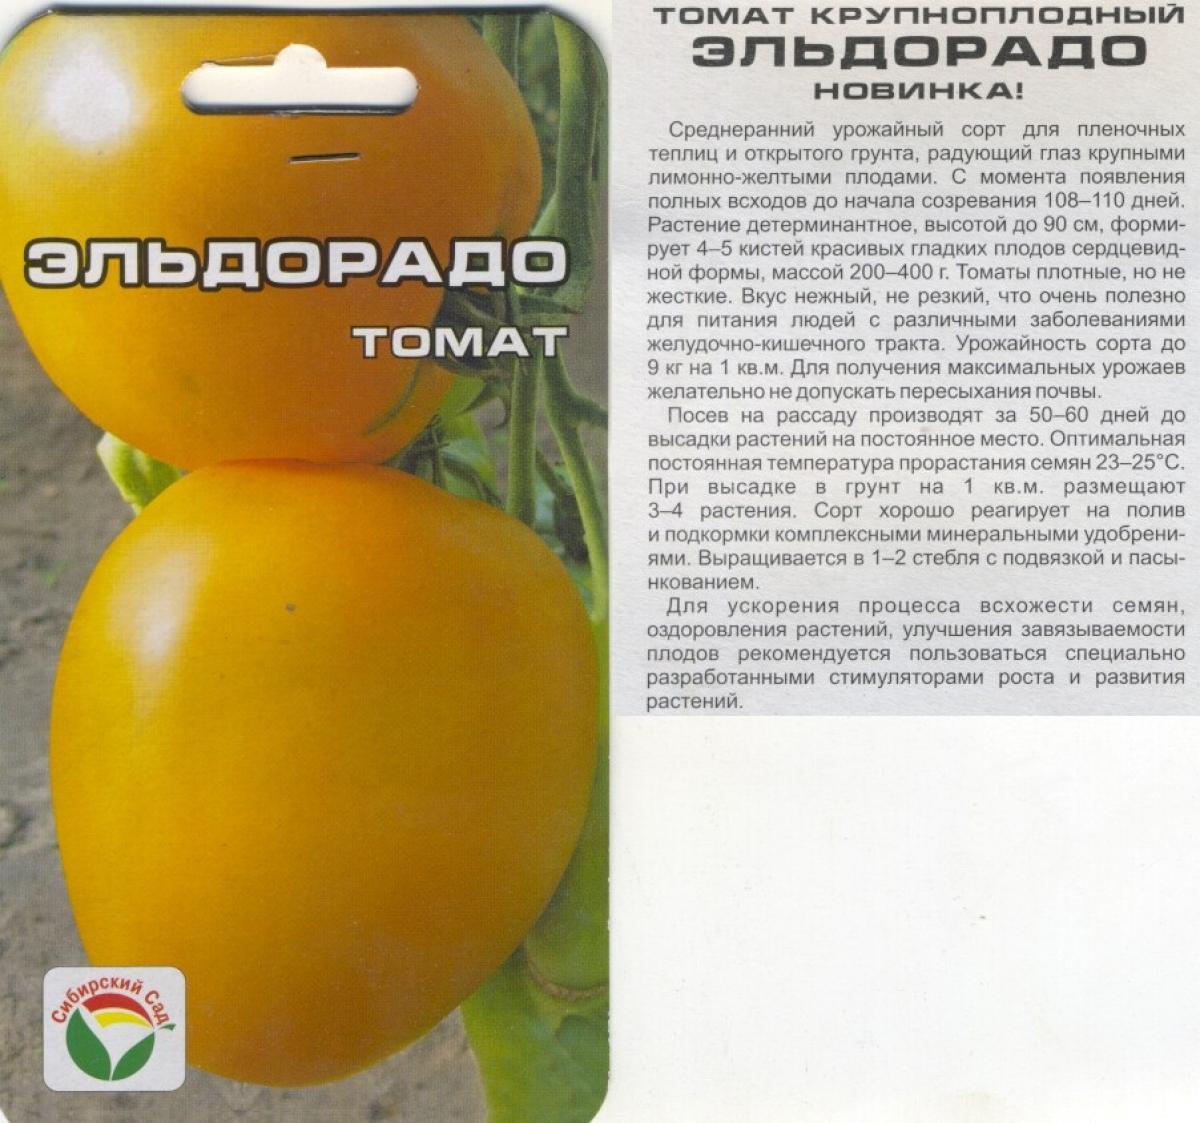 Ампельные помидоры: сорта желтый том, тигровый, желтое чудо, черри